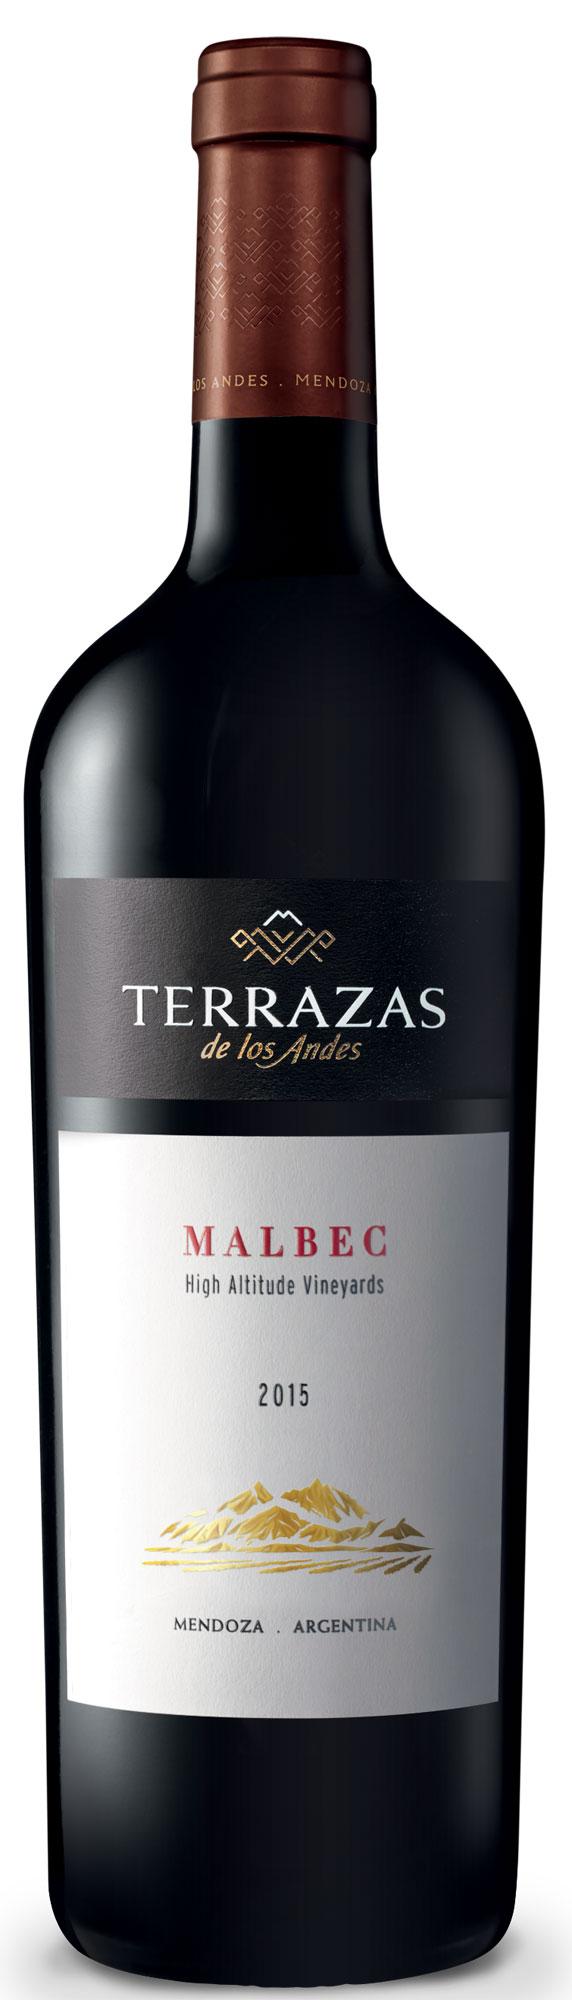 Terrazas De Los Andes Reserva Malbec 2015